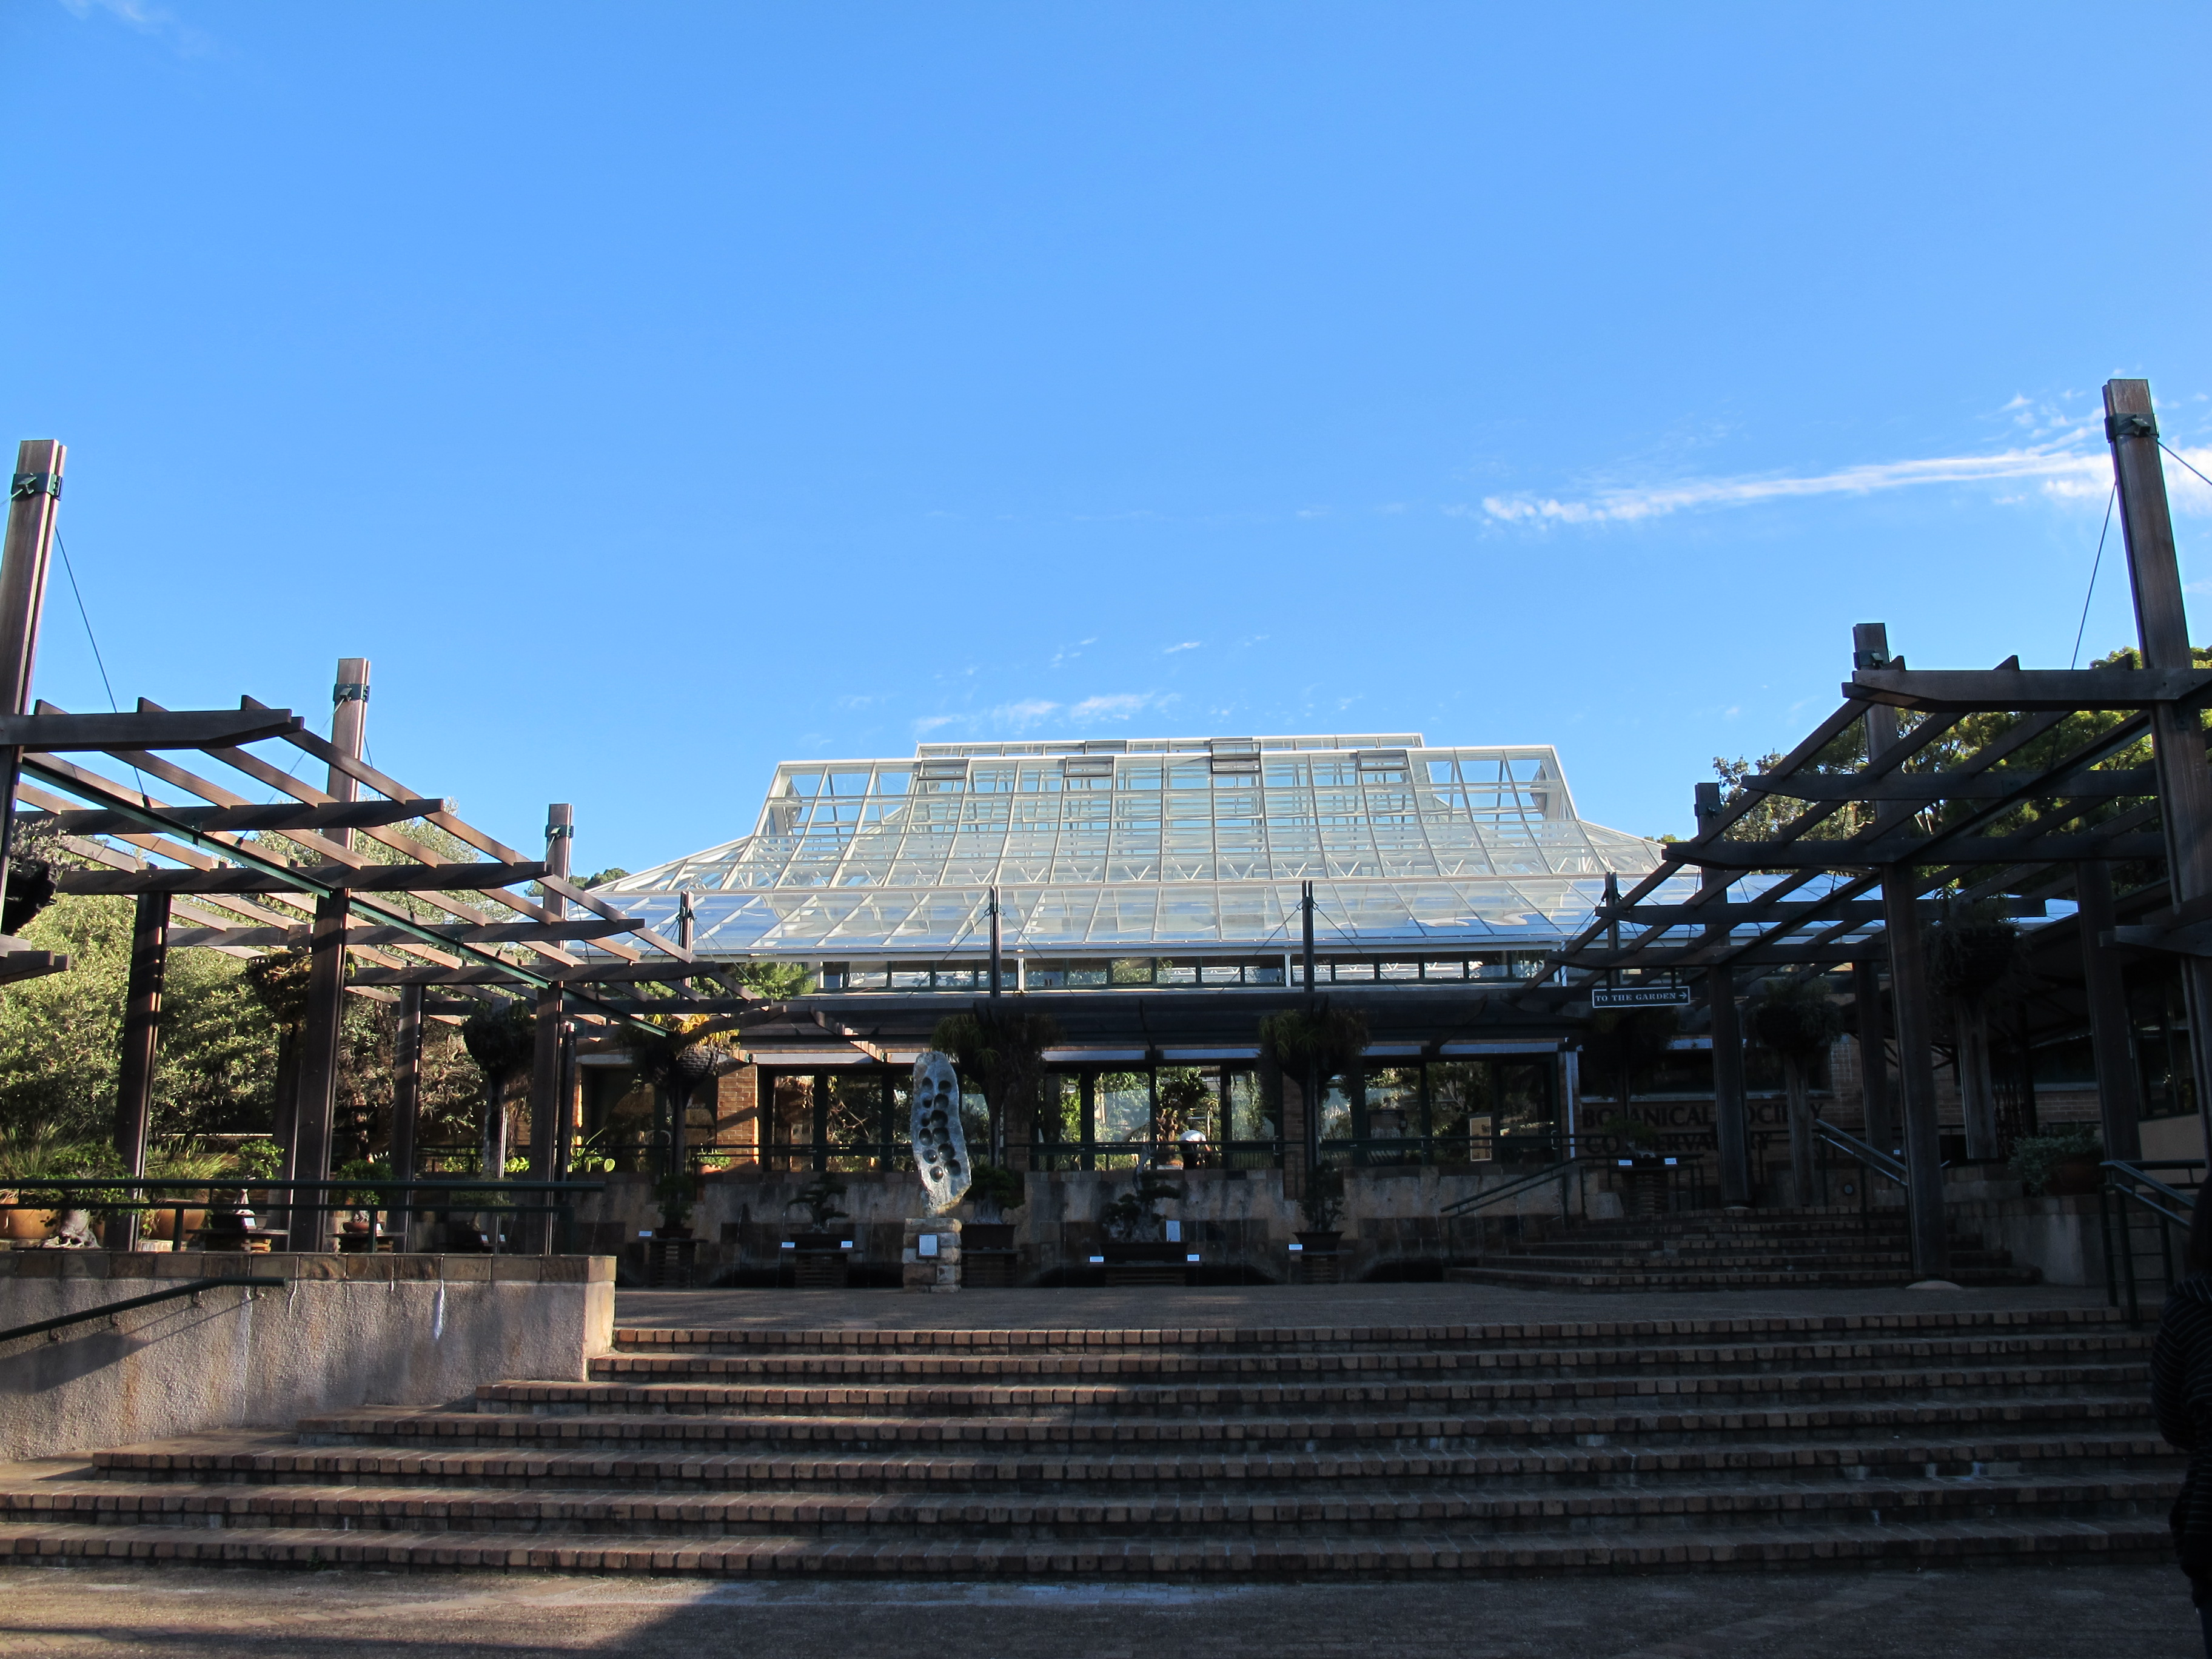 康斯坦博西植物园旅游景点图片